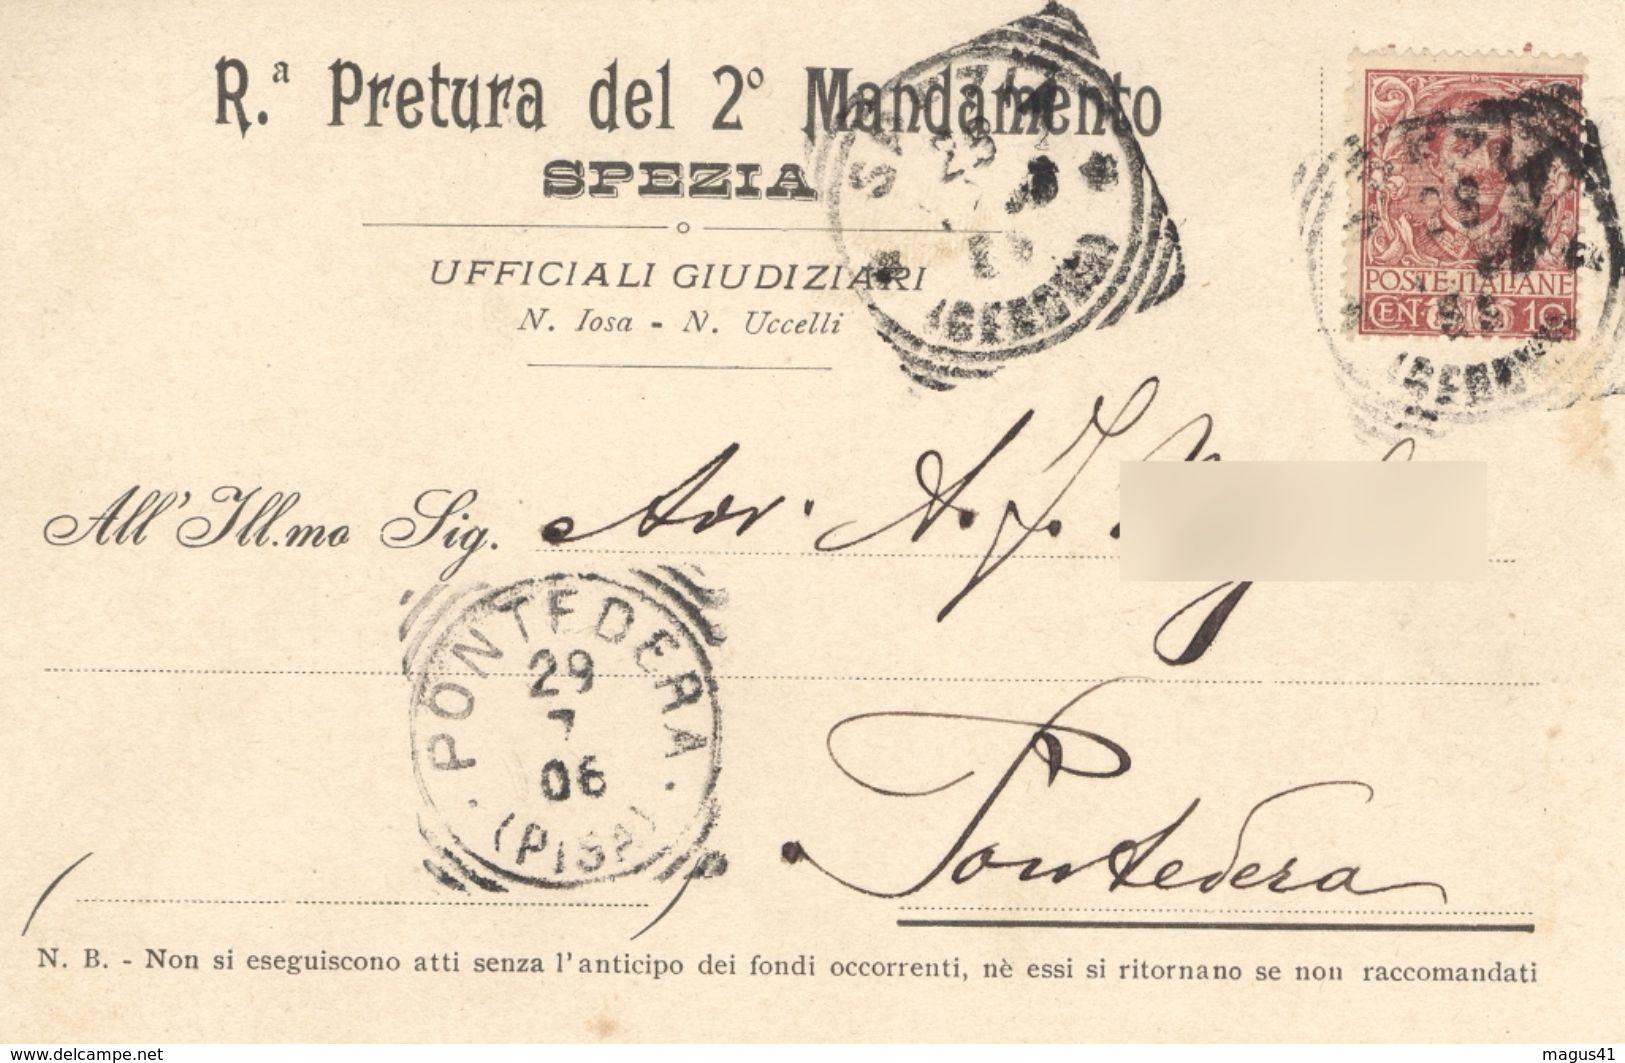 LA SPEZIA - REGIA PRETURA 2° MANDAMENTO - CARTOLINA UFFICIALI GIUDIZIARI - VG 1906 - La Spezia